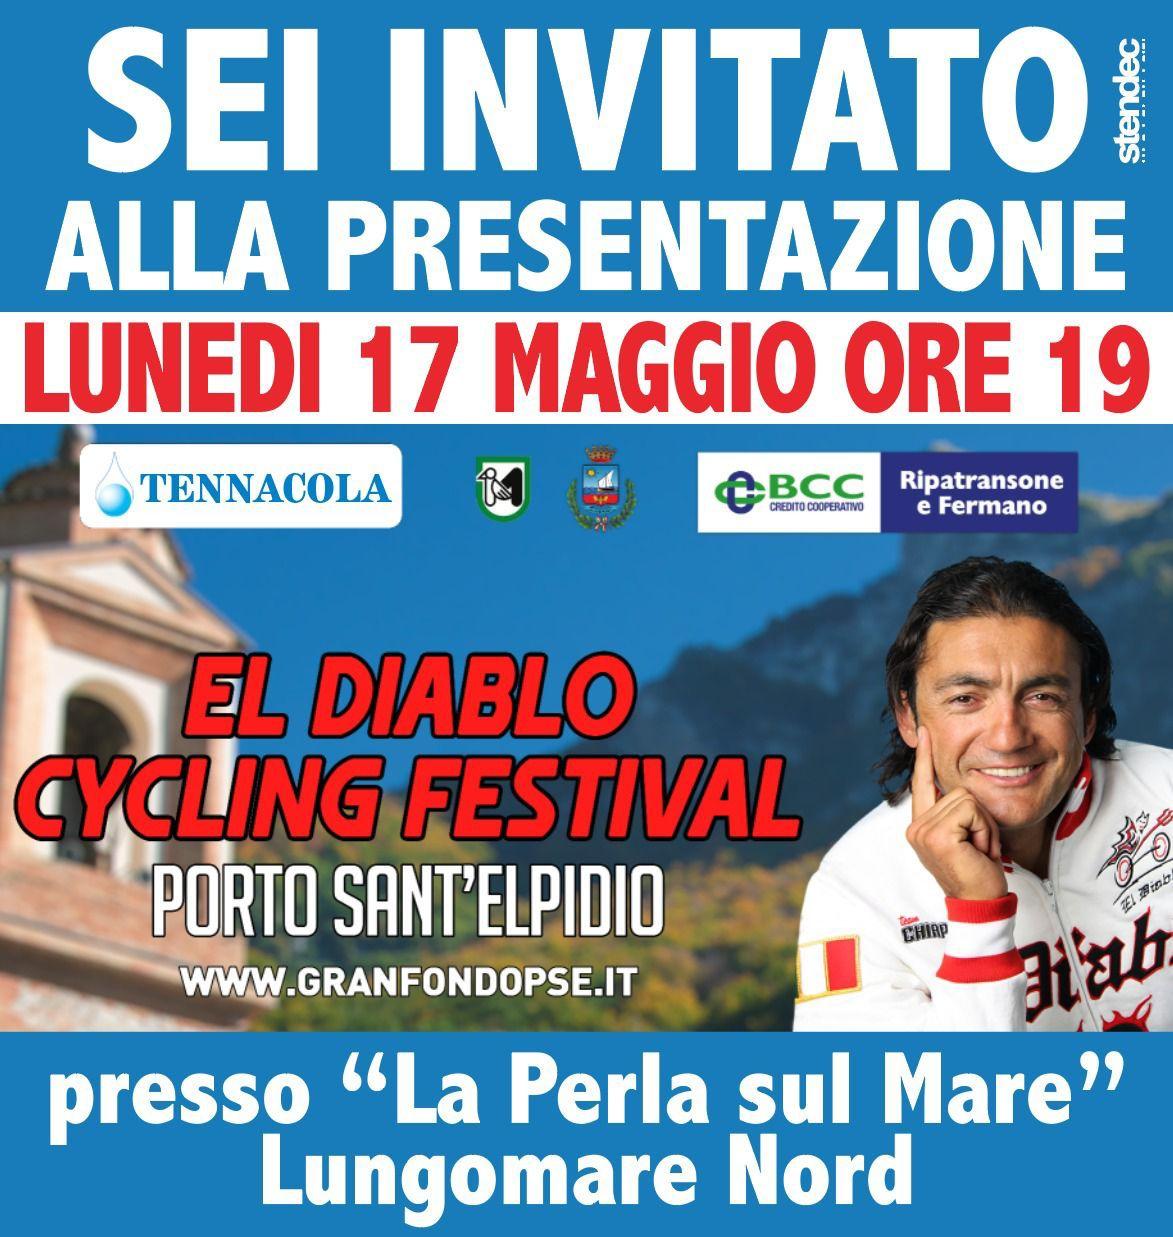 Invito alla presentazione di El Diablo Cycling Festival a Porto Sant'Elpidio, Marche con Claudi Chiappucci